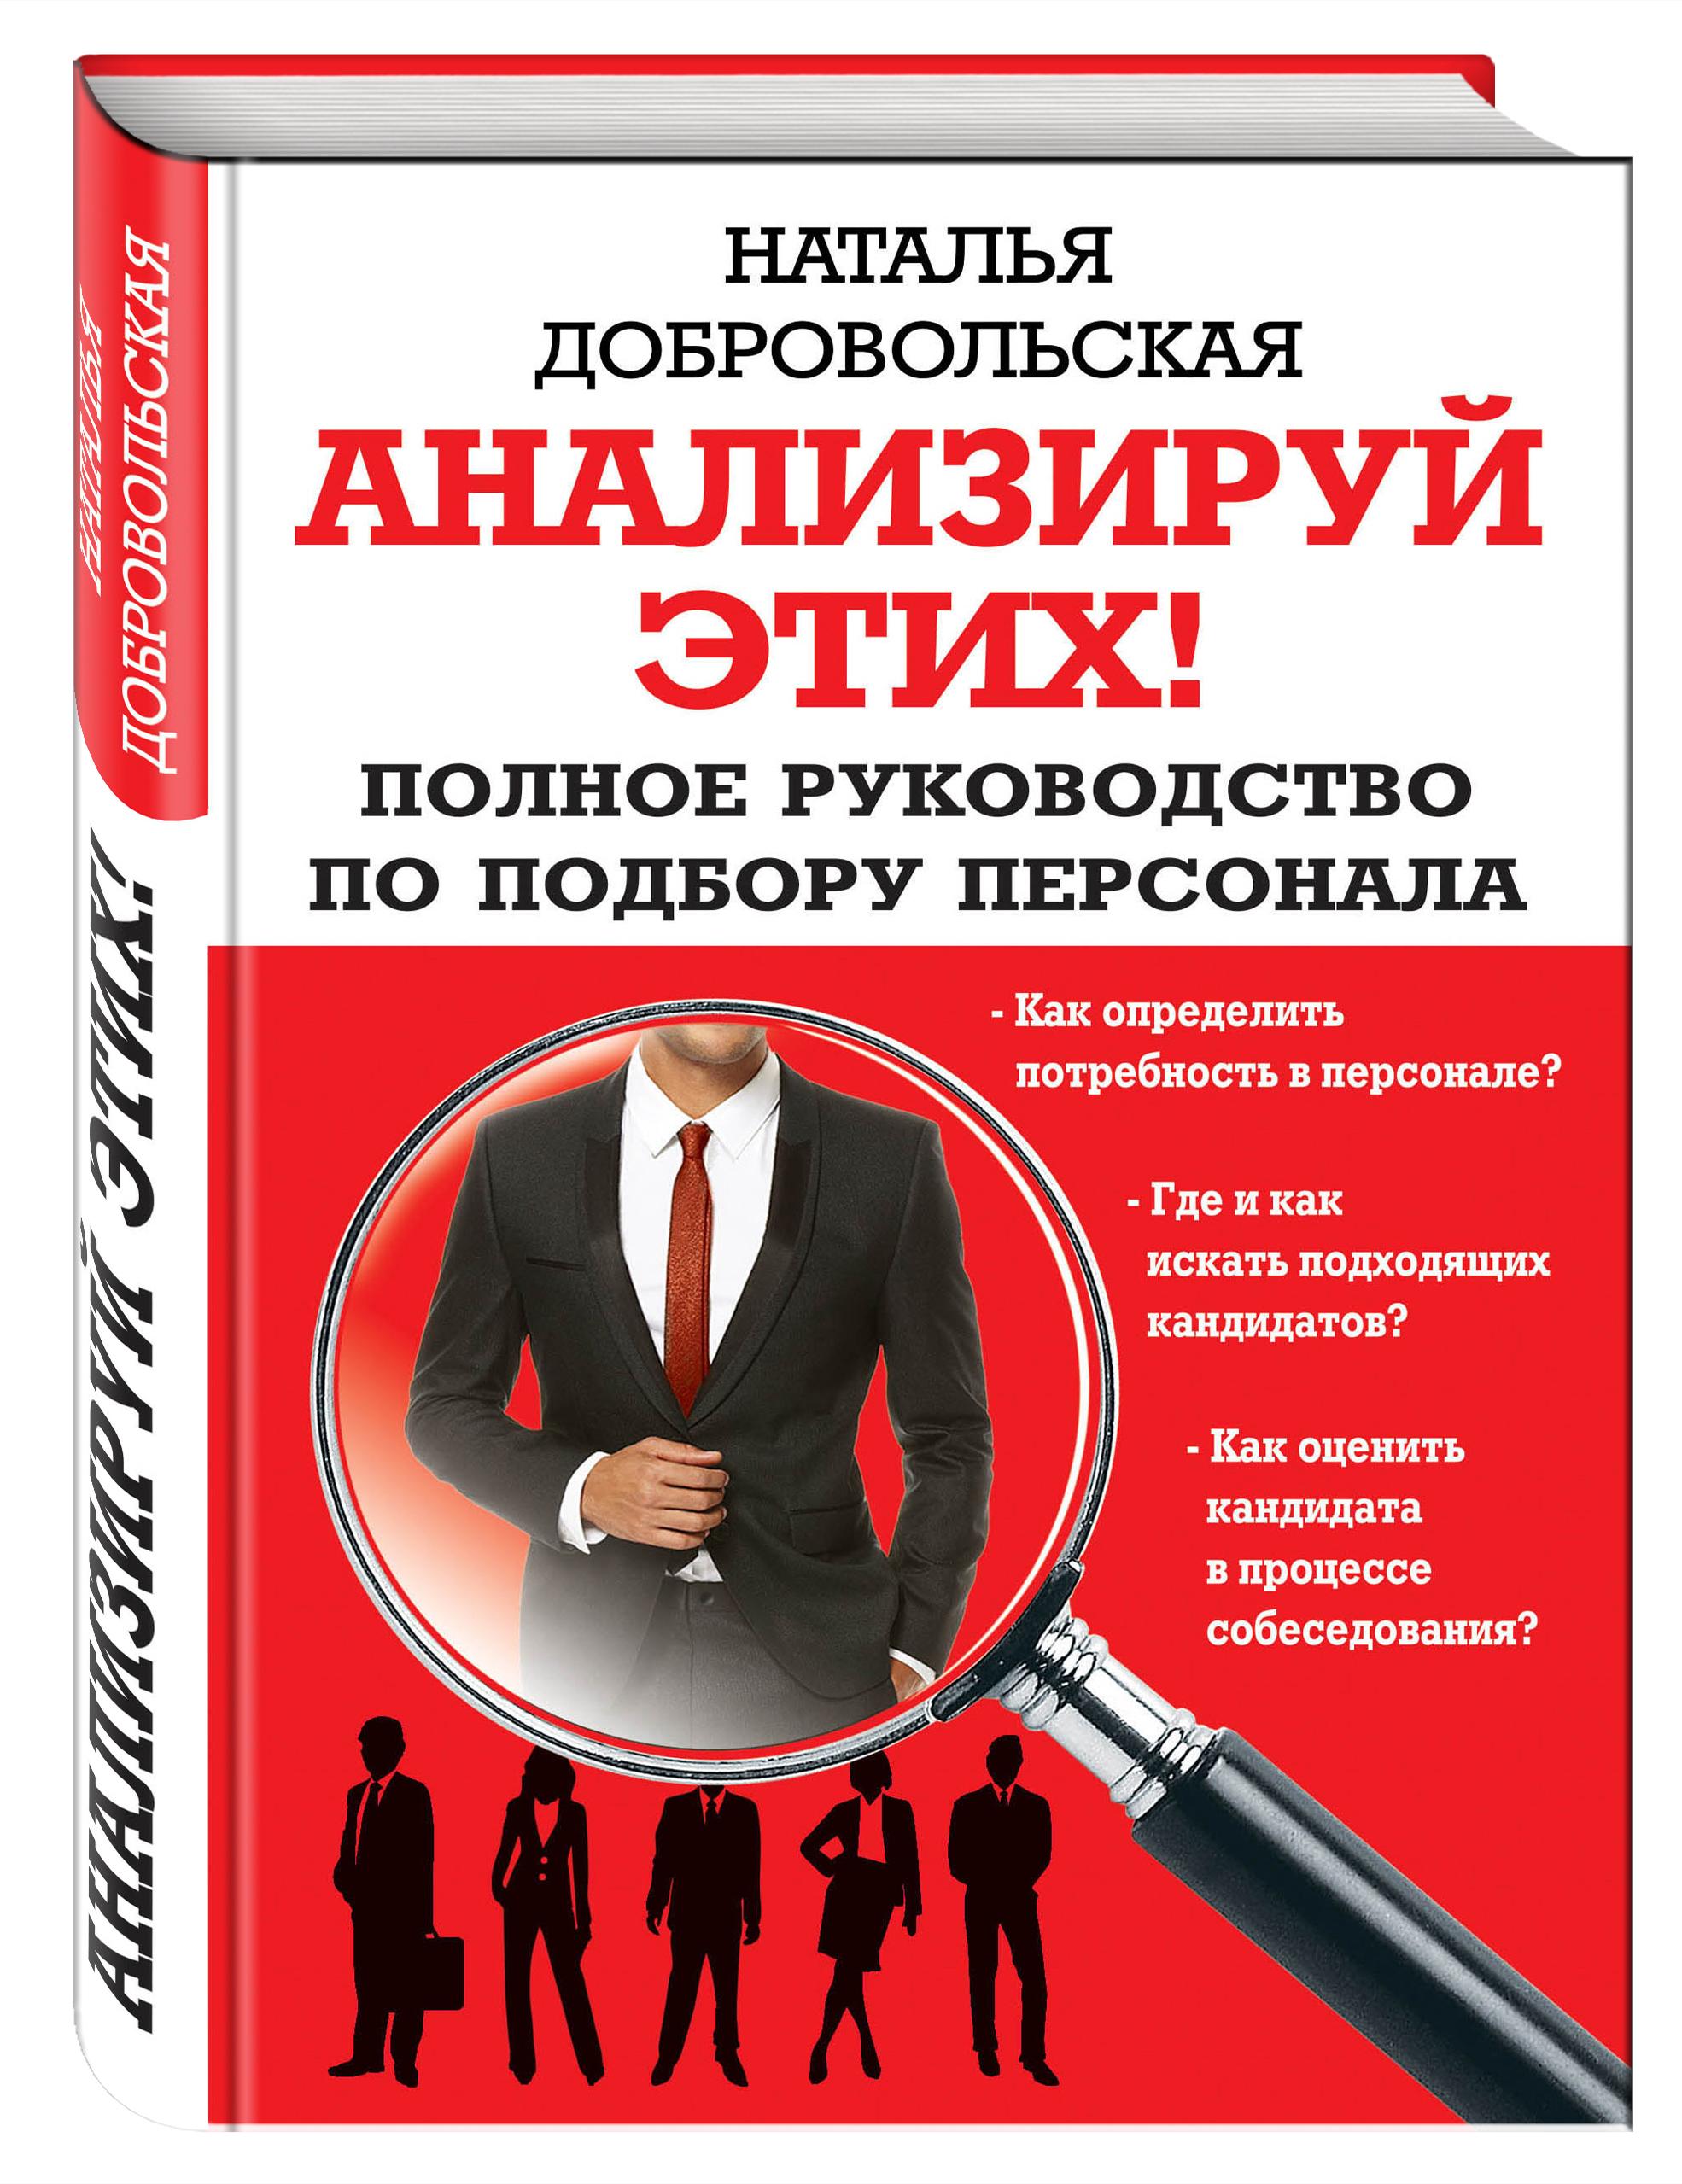 Анализируй этих! Полное руководство по подбору персонала от book24.ru